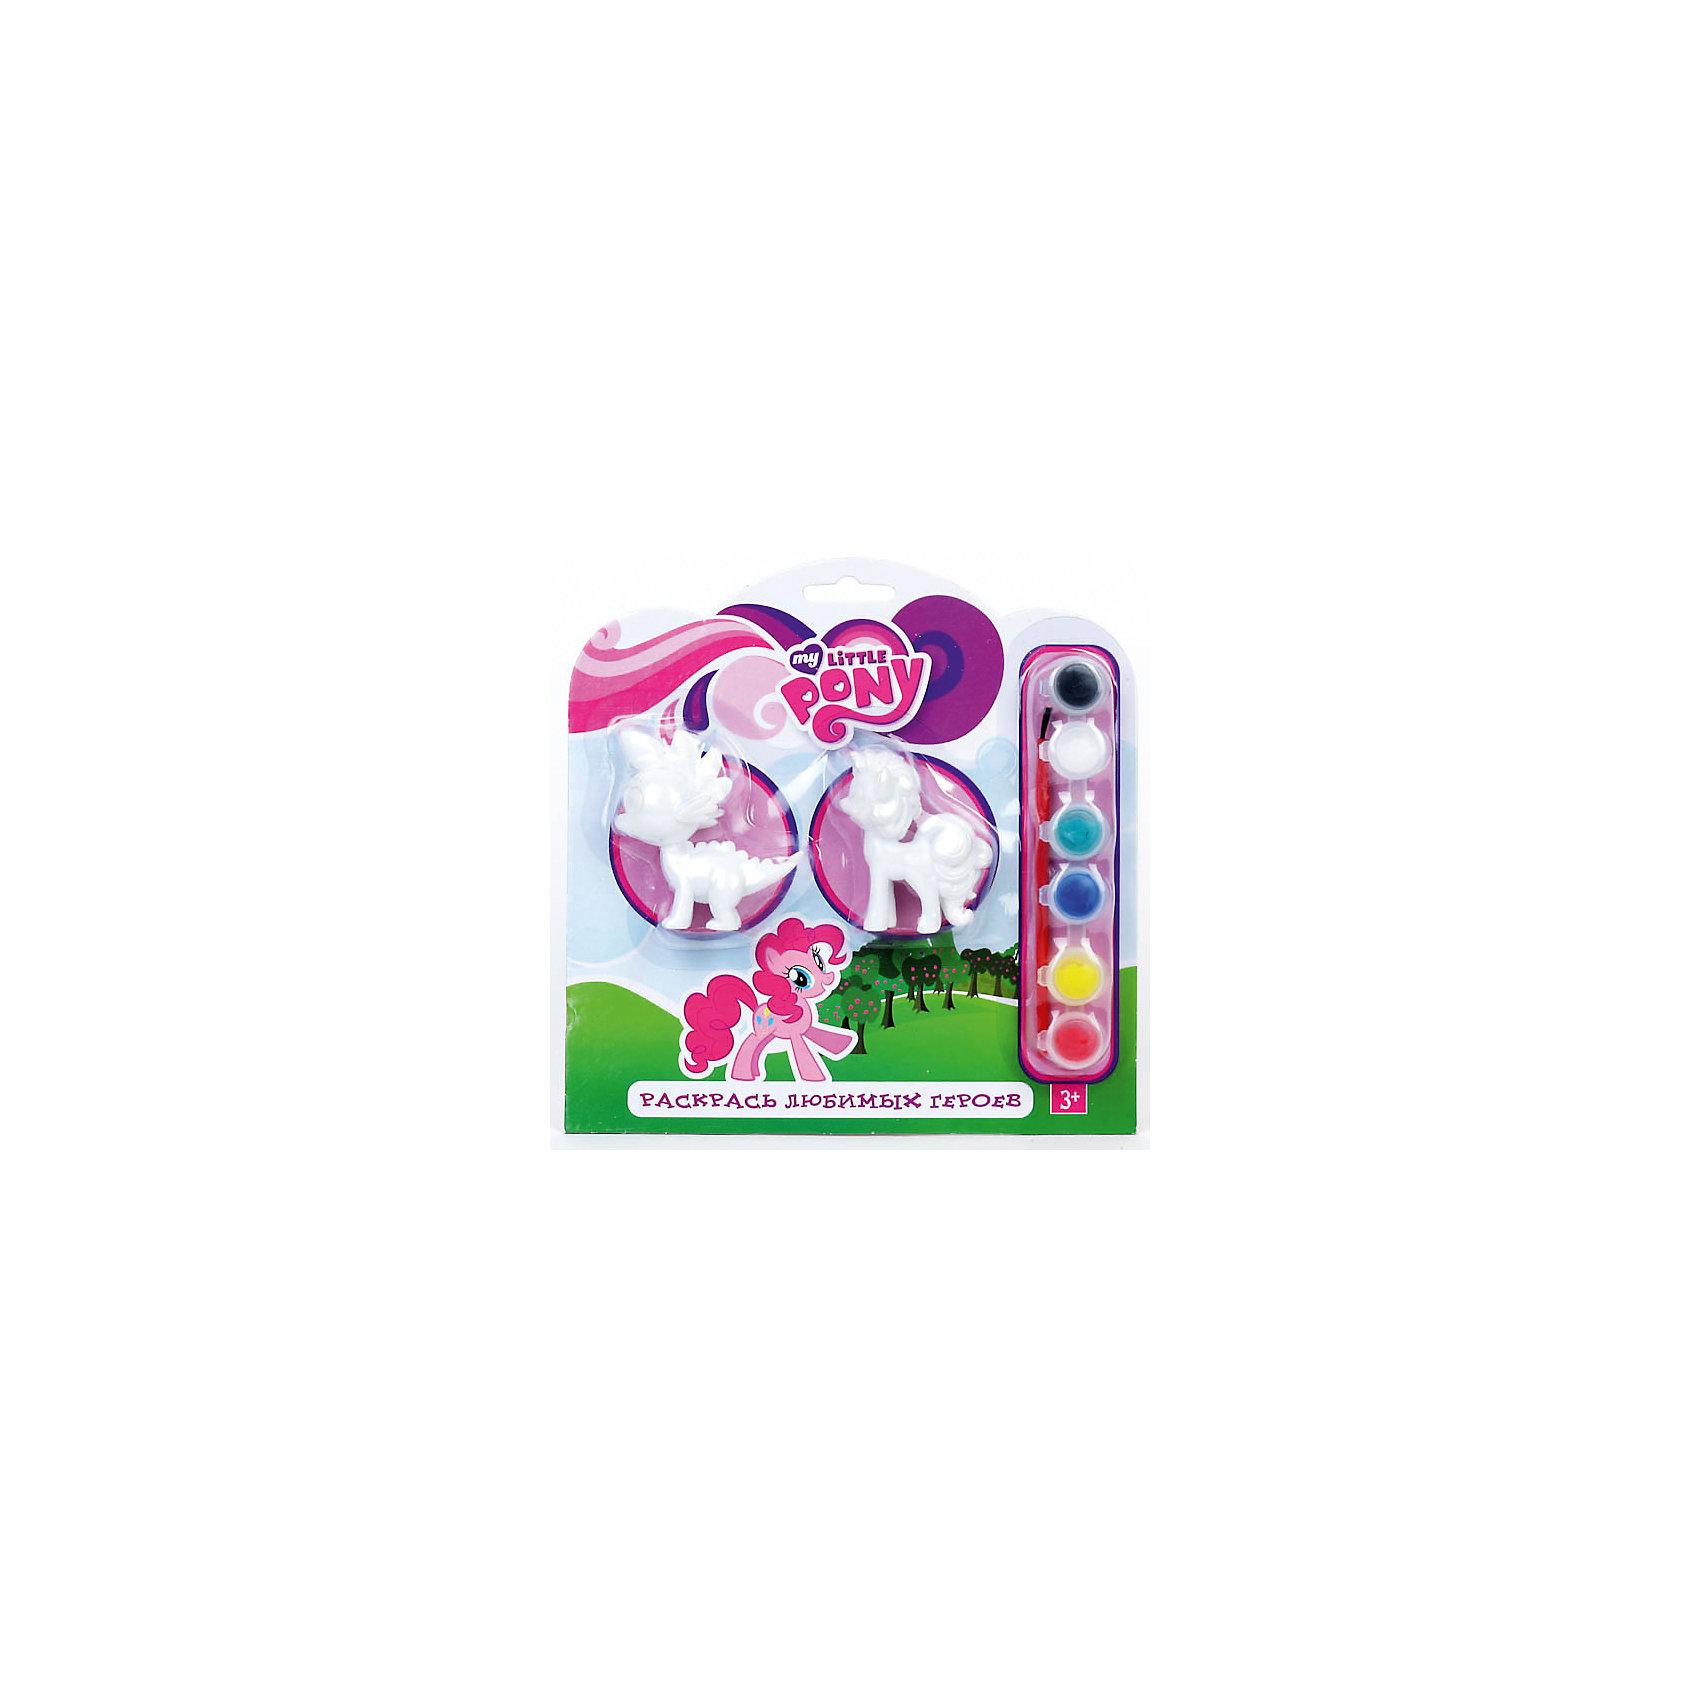 Набор для раскрашивания фигурок, My little PonyНабор для раскрашивания фигурок, My little Pony (Мой маленький Пони) приведет в восторг Вашу девочку, которая обожает милых маленьких пони из популярного мультика! С набором для раскрашивания она сможет собственноручно разукрасить любимых лошадок. Для этого в наборе идут шесть ярких красок (красный, желтый, синий, зеленый, белый, черный), удобная кисточка и любимые герои – Пинки Пай и дракончик Спайк. <br><br>Комплектация: 2 фигурки, кисточка, 6 красок, инструкция<br><br>Дополнительная информация:<br>-Серия: Мой маленький Пони<br>-Вес в упаковке: 160 г<br>-Размеры в упаковке: 210х210х30 мм<br>-Материалы: гипс, краски, пластик<br><br>Творческий набор приятно порадует каждую девочку, которая самостоятельно раскрасит фигурки, изображающие ее любимых героев из популярного мультика «Мой маленький Пони».<br><br>Набор для раскрашивания фигурок, My little Pony (Мой маленький Пони) можно купить в нашем магазине.<br><br>Ширина мм: 210<br>Глубина мм: 210<br>Высота мм: 30<br>Вес г: 160<br>Возраст от месяцев: 36<br>Возраст до месяцев: 84<br>Пол: Женский<br>Возраст: Детский<br>SKU: 4079329